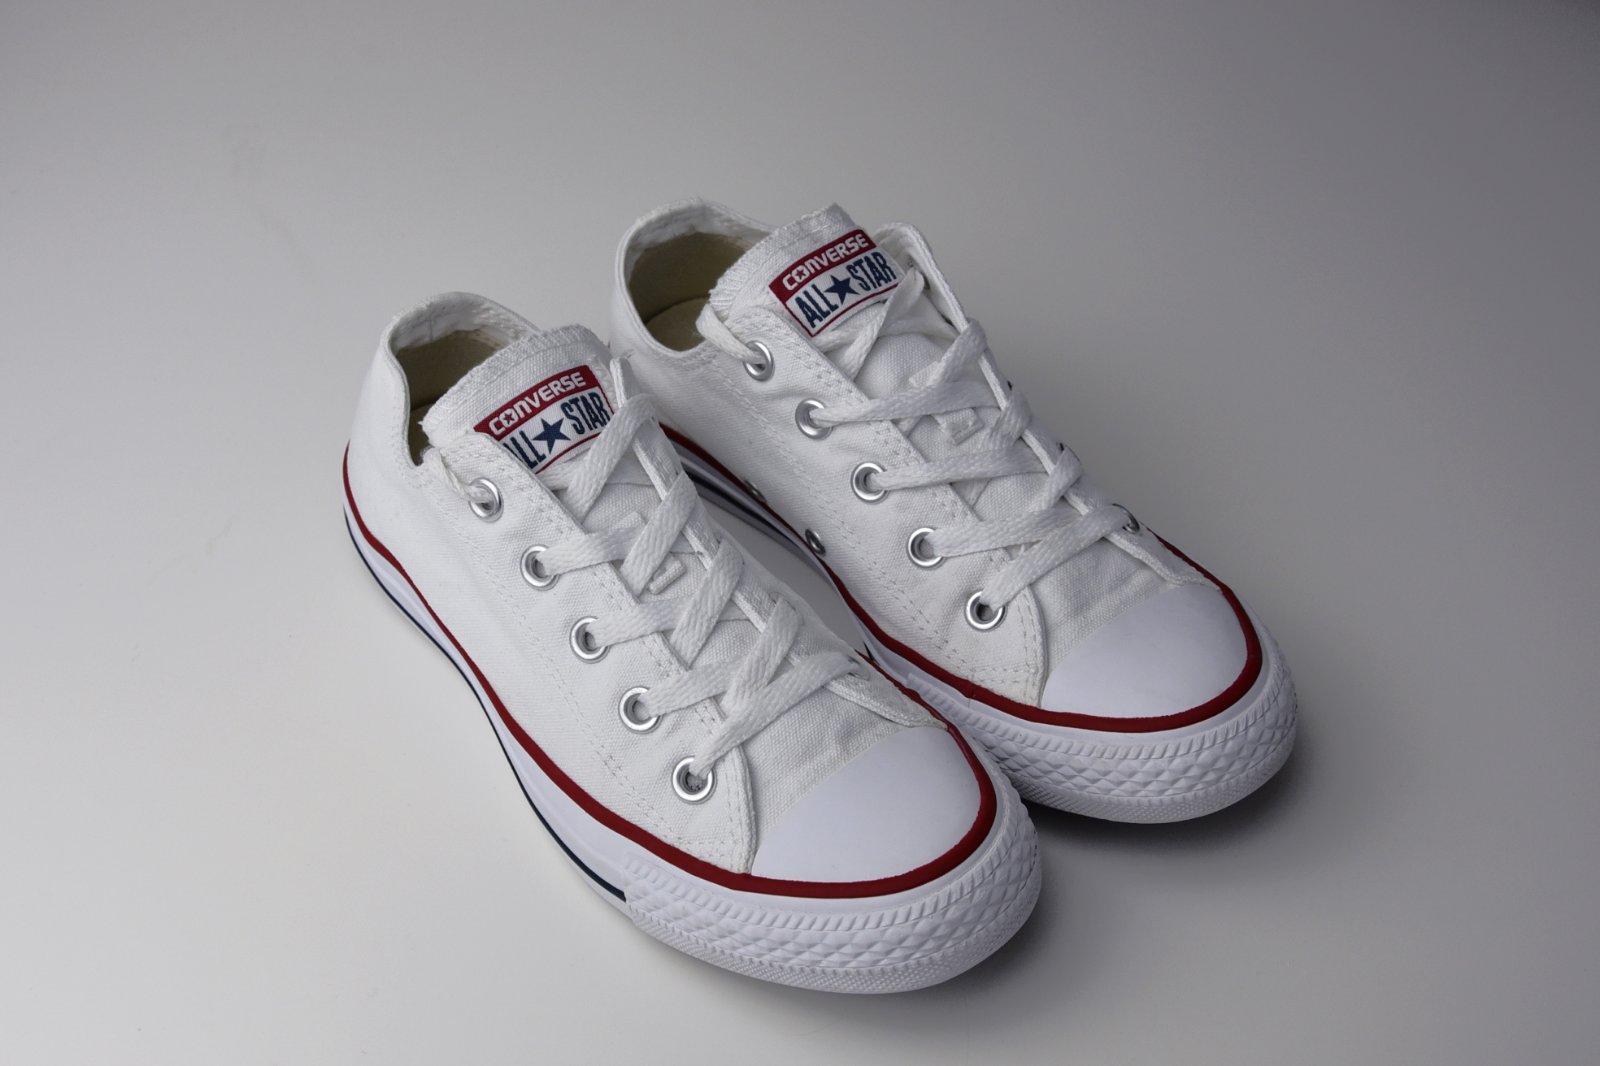 0ada632f8e68d Converse biele platene 36.5 37 uk4, converse,37 - 35 € od predávajúcej  kiwi3 | Detský bazár | ModryKonik.sk